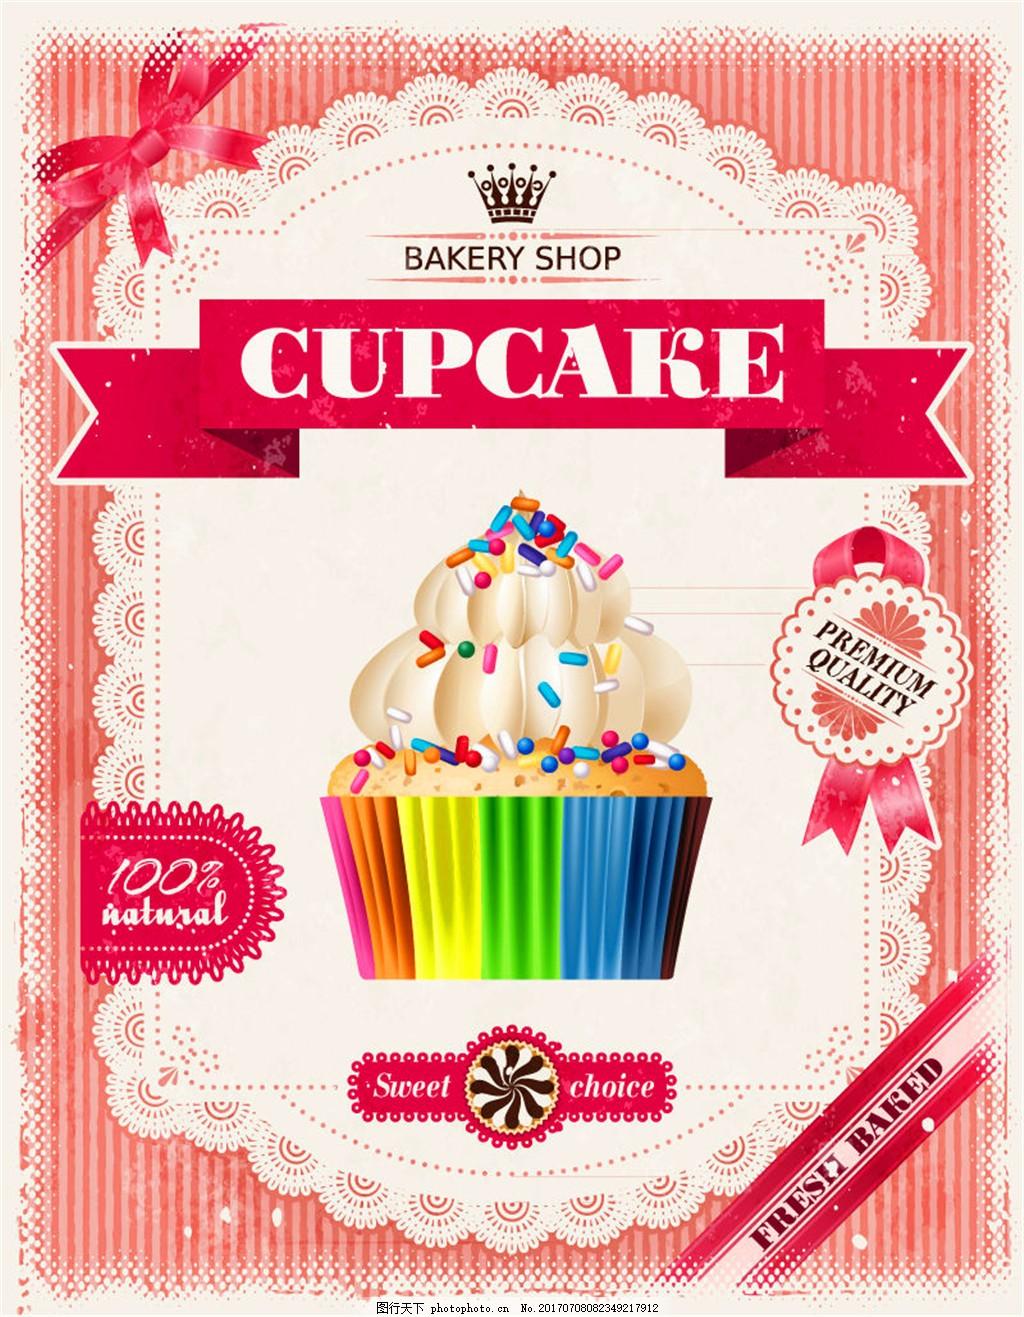 彩色纸杯蛋糕蕾丝边海报矢量素材 蝴蝶结 丝带 徽章 烘培 面包店